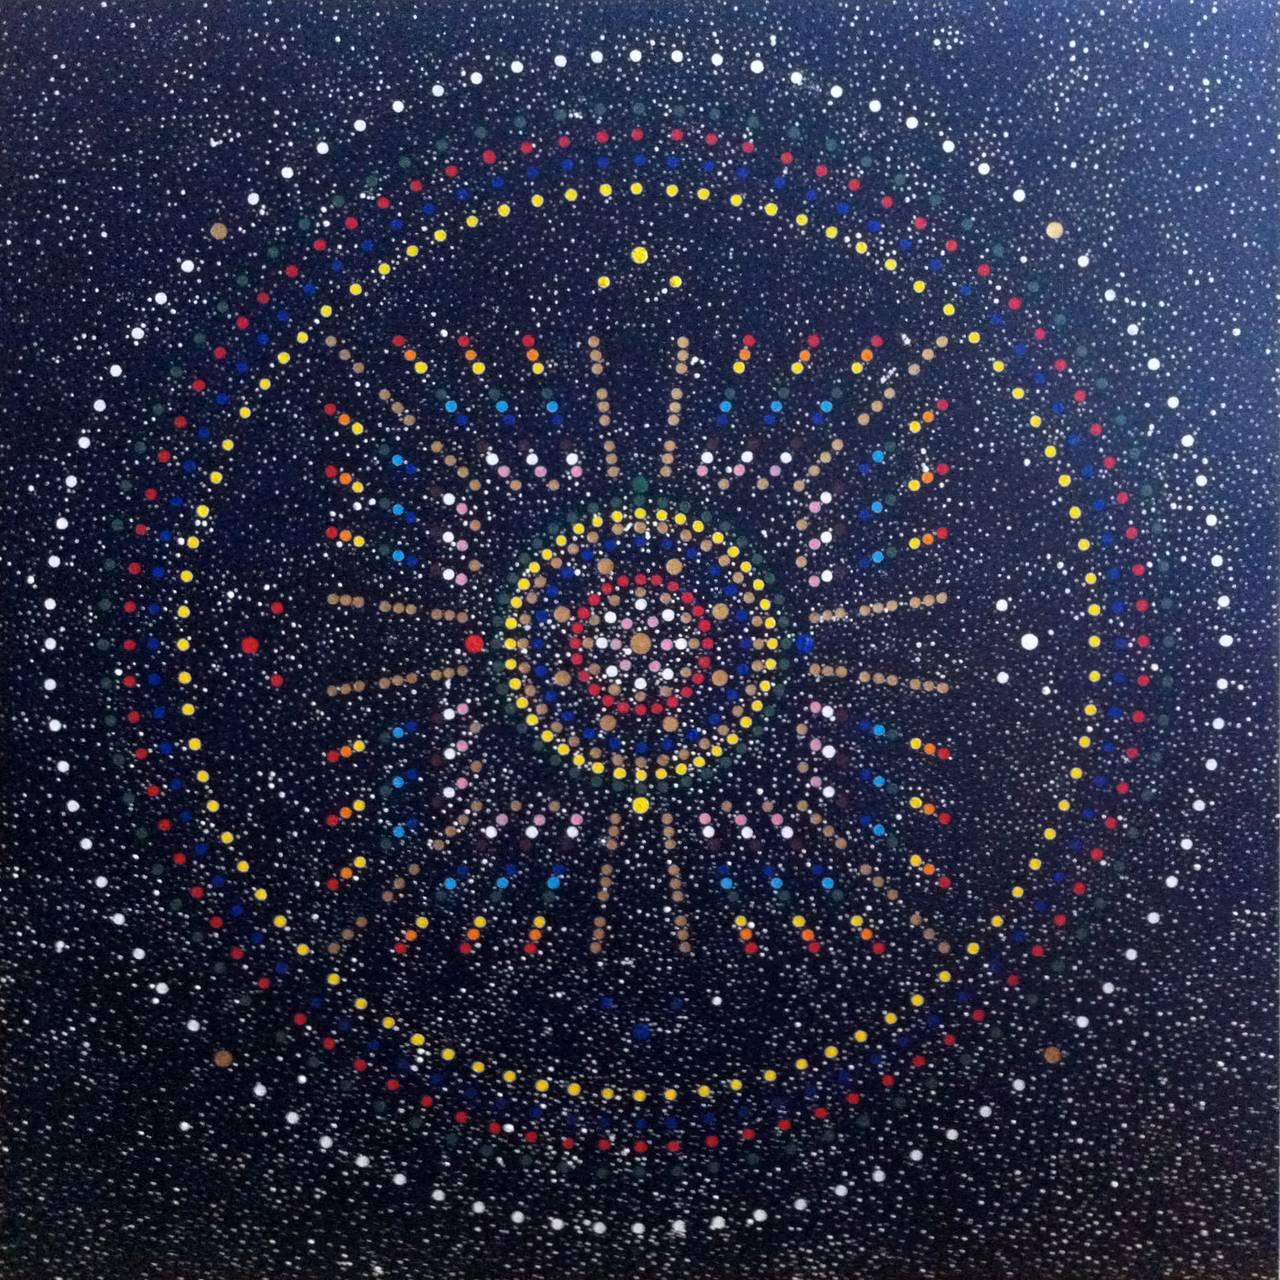 Et symmetrisk prikke-maleri fra en visjon kunstneren har hatt